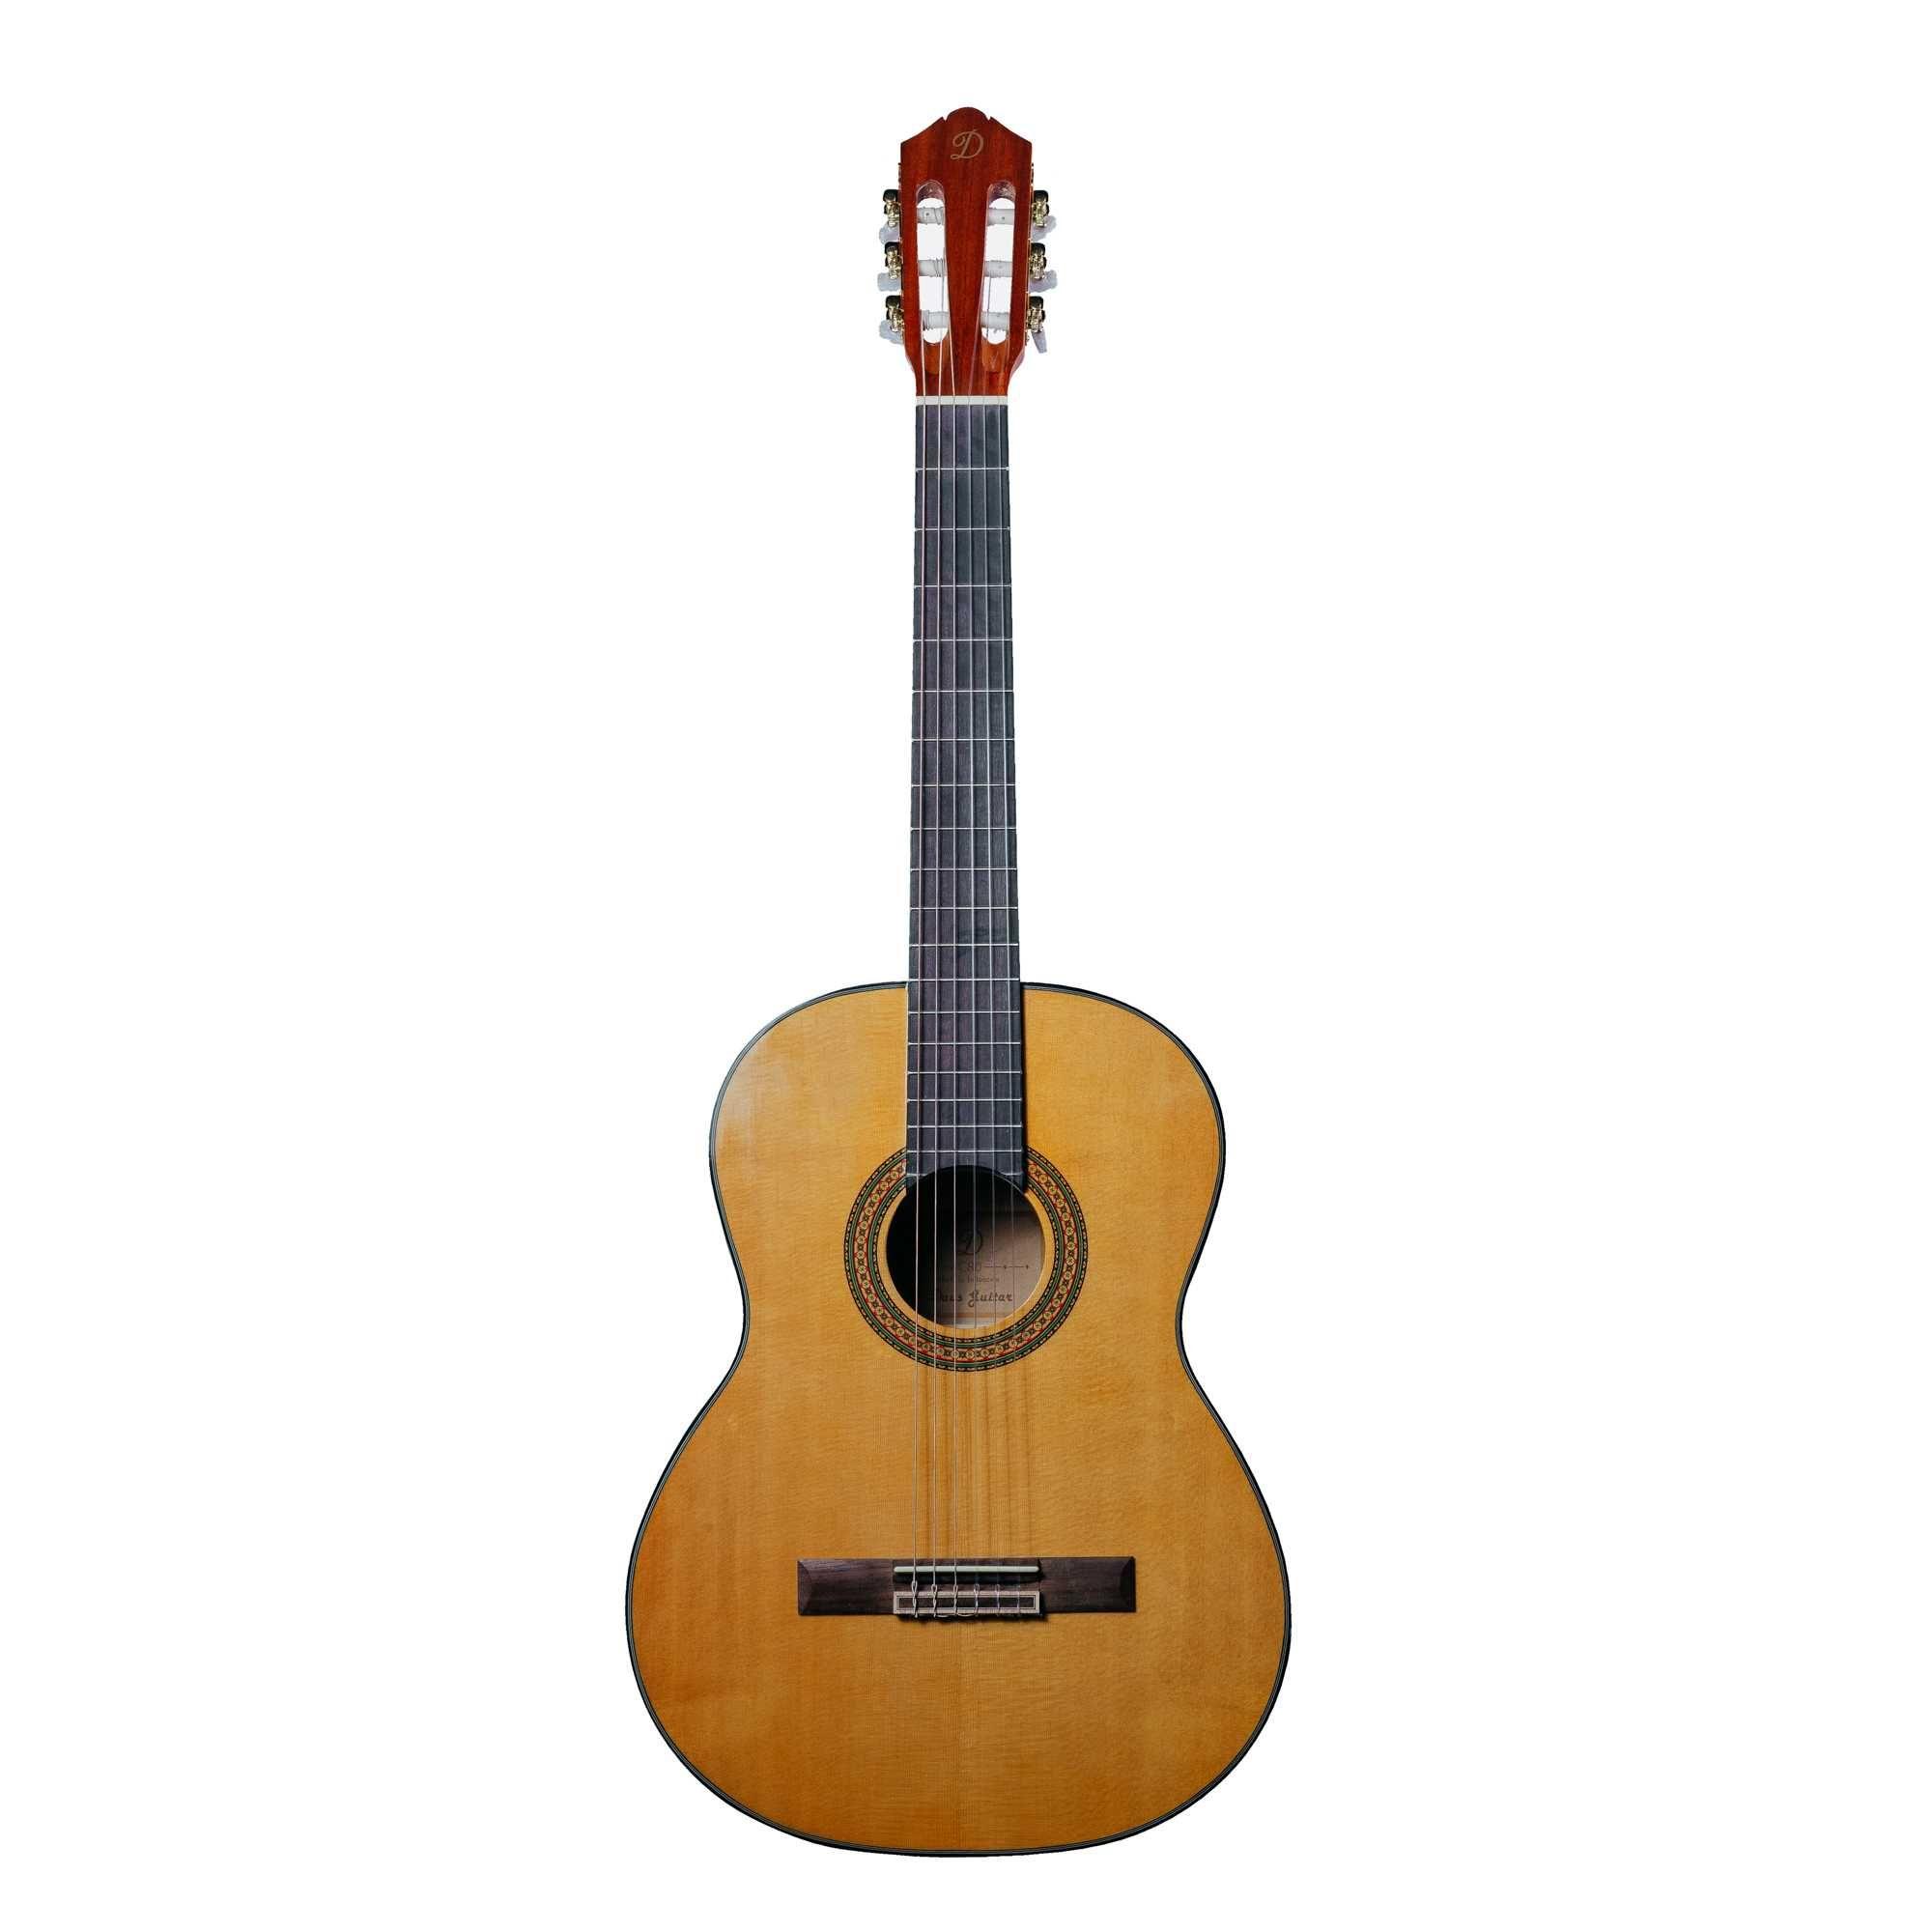 Классическая гитара / C-80 / Daus C-80 / Классика / Доставка